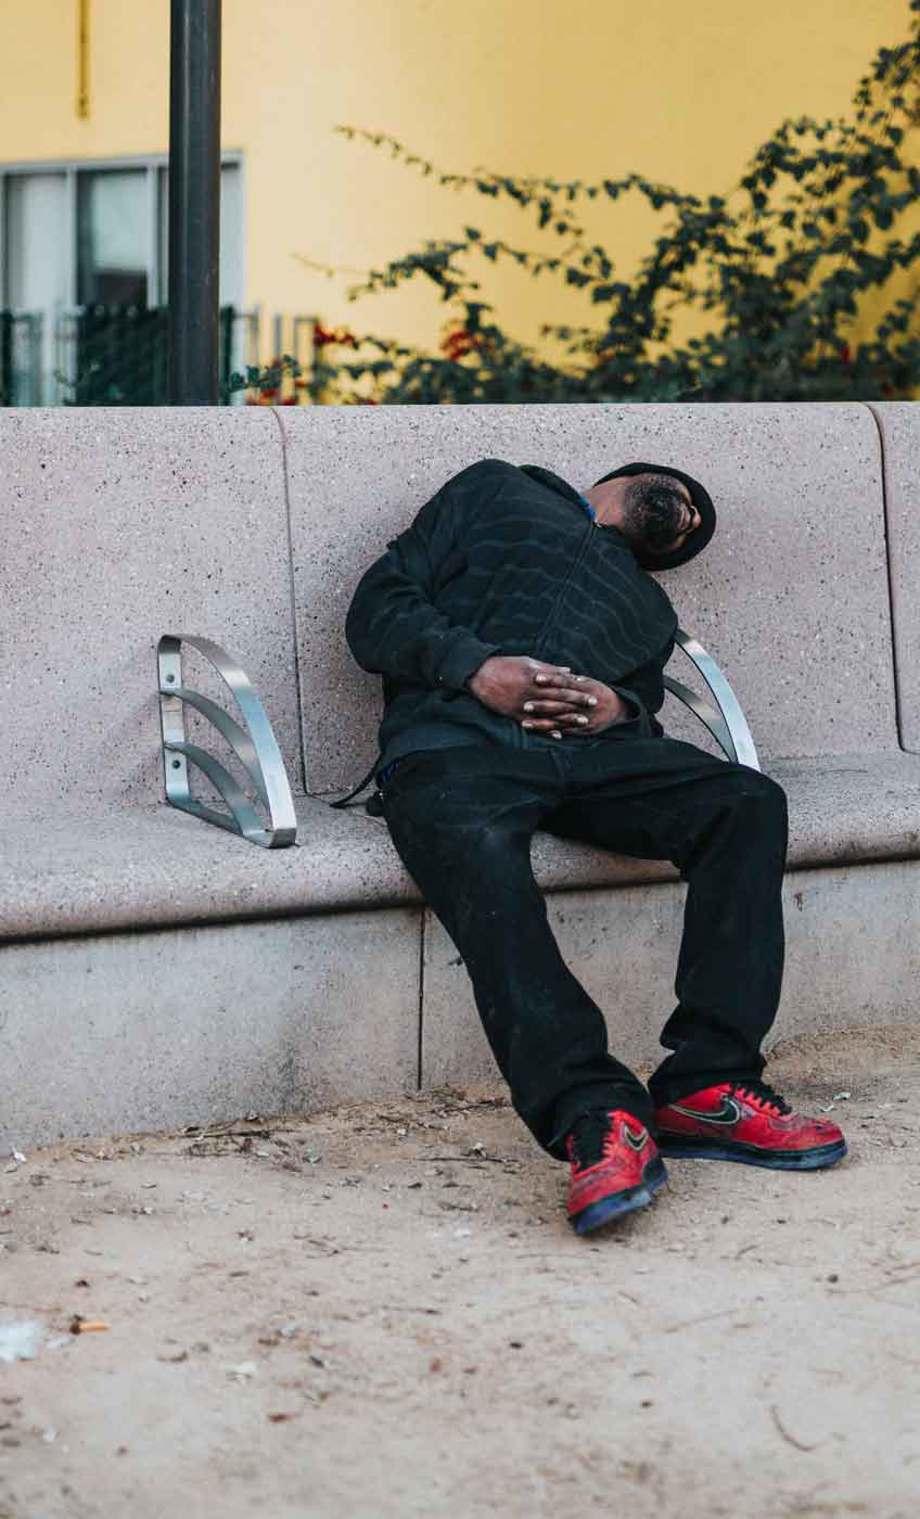 homeless man asleep